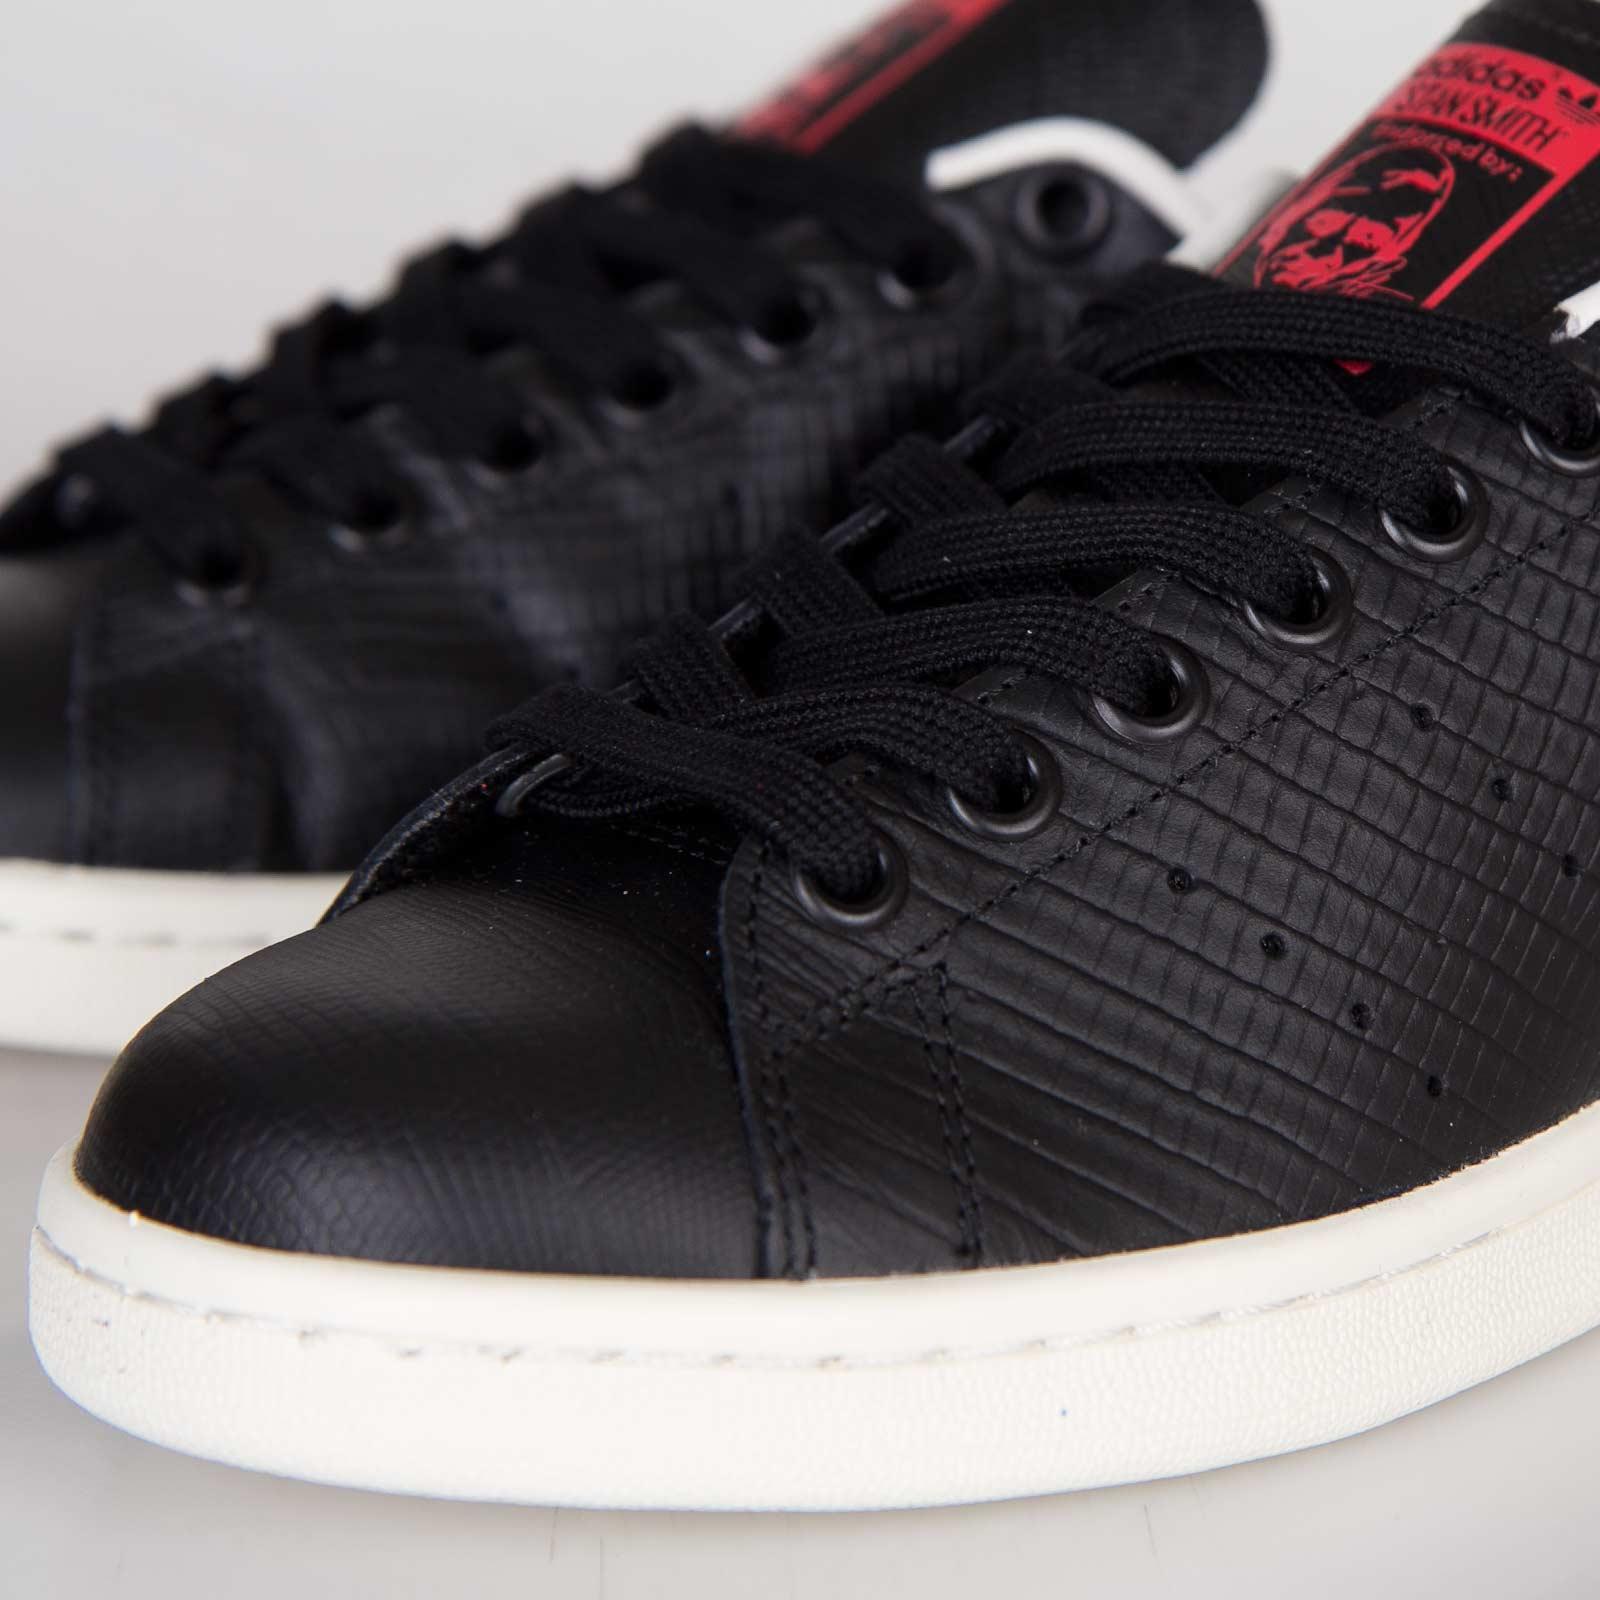 the latest 90f25 78452 adidas Stan Smith EF W - D67851 - Sneakersnstuff   sneakers   streetwear  online since 1999